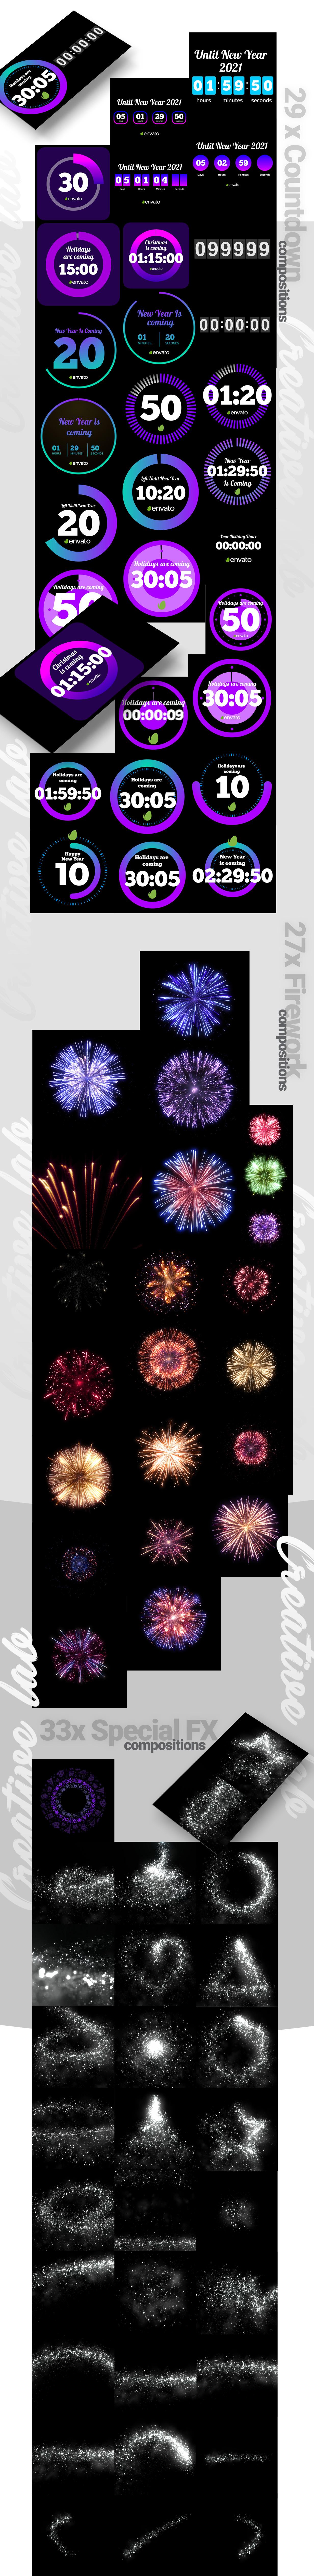 200+圣诞新年晚会倒计时活动演示视频转场烟花粒子图标元素背景包-AE扩展脚本